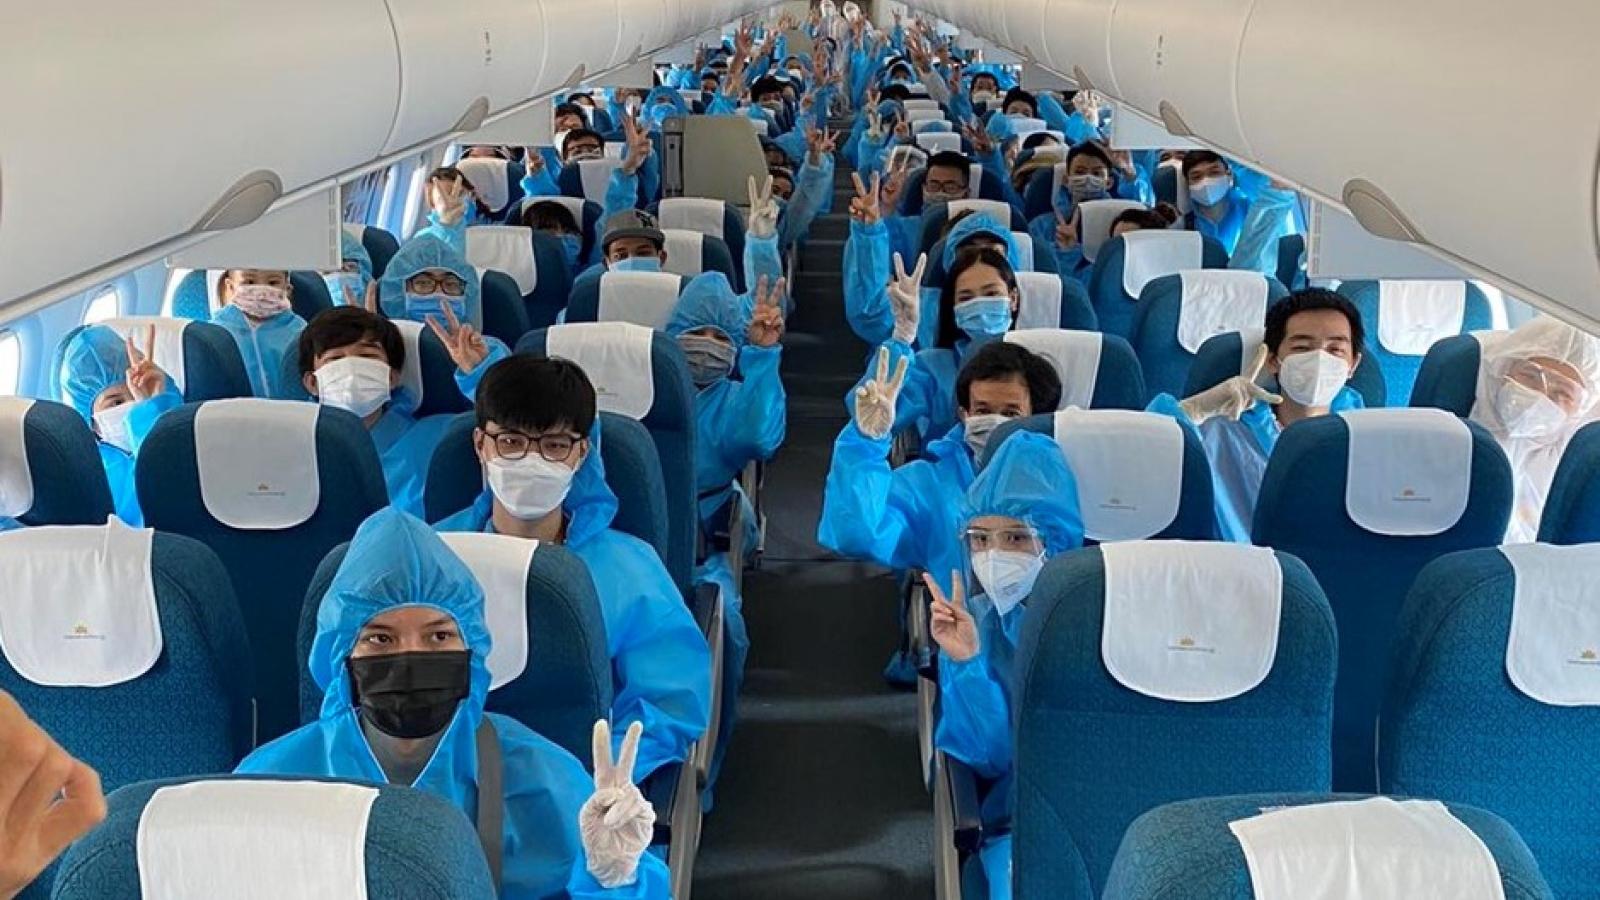 3 chuyến bay đặc biệt đưa hơn 600 người dân từ TP.HCM trở về Đà Nẵng